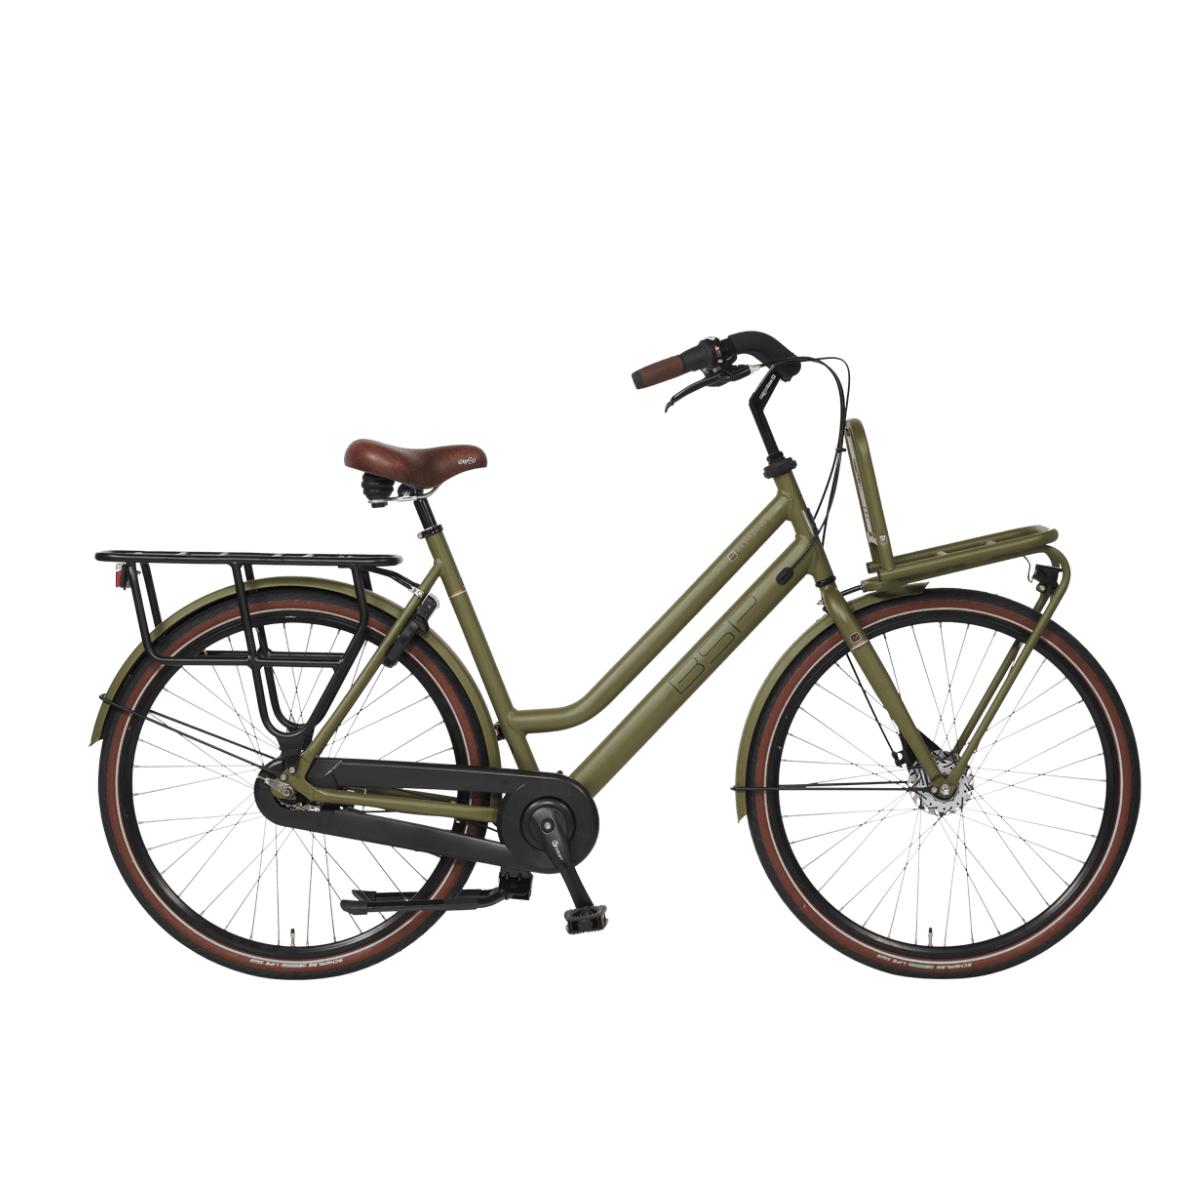 2021_product_bsp_fietsen0920_z1200x900-min (3)